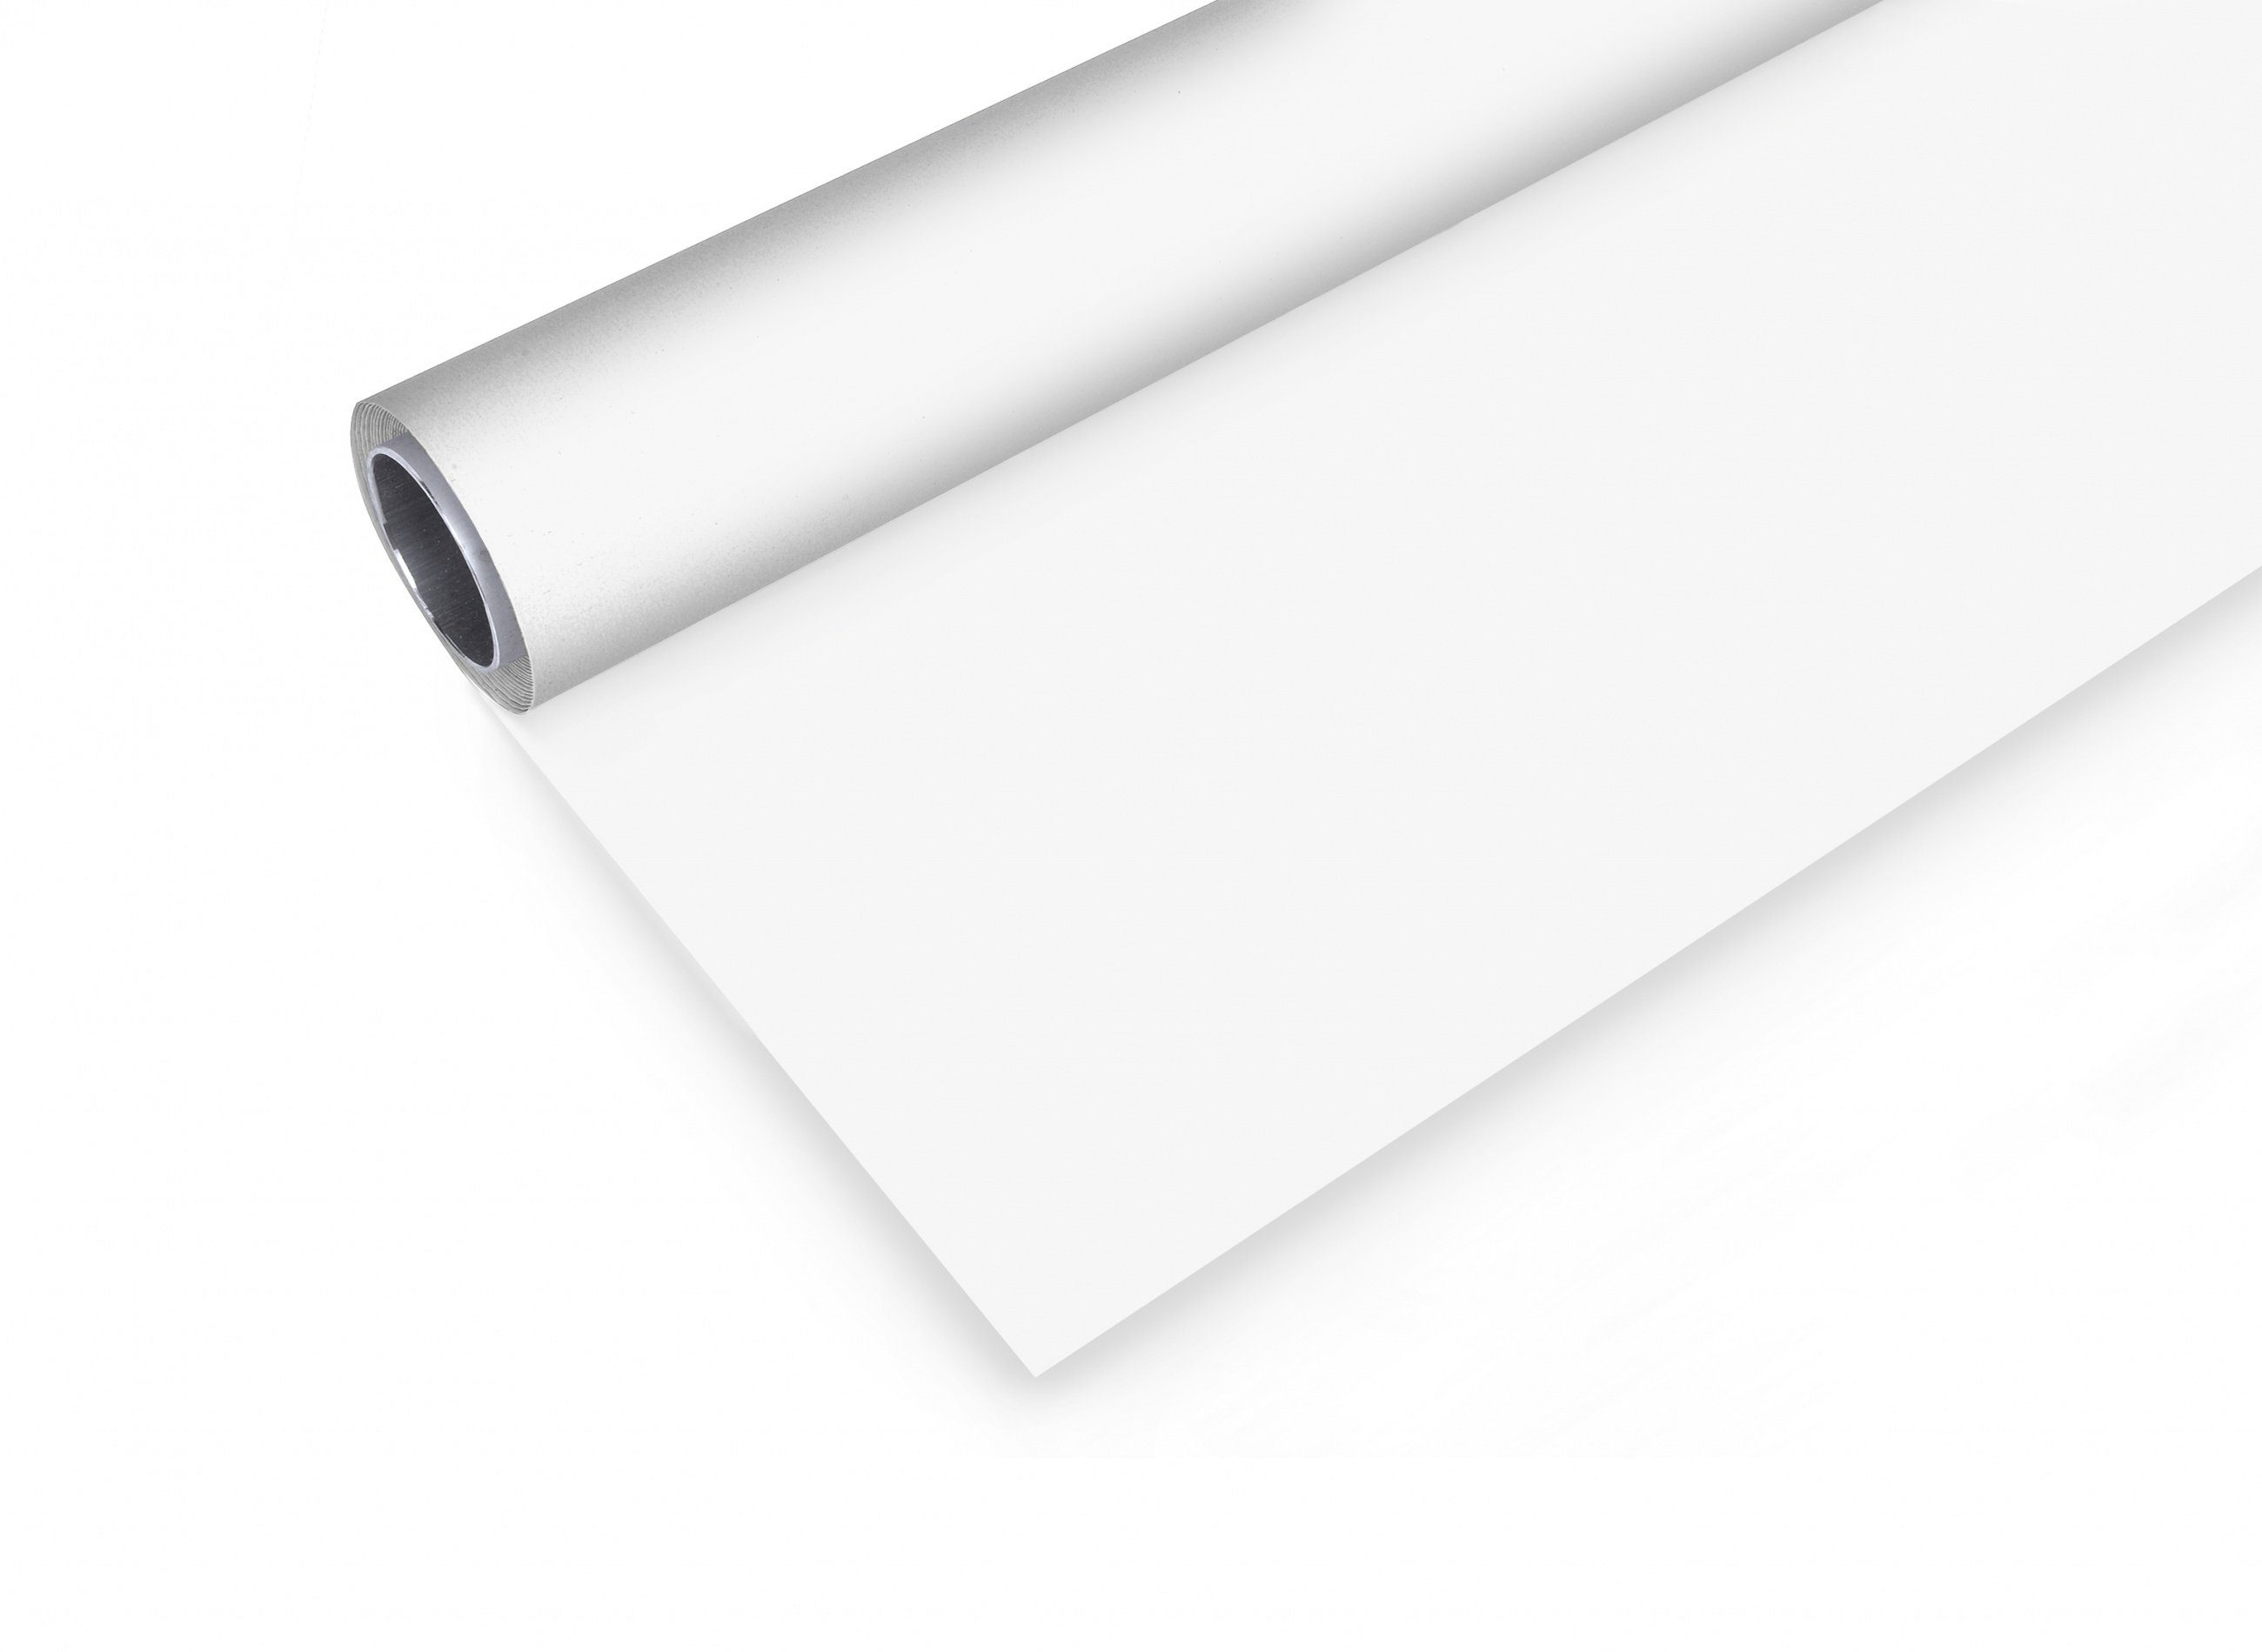 BRESSER Fotostudio »BRESSER Vinyl Hintergrundrolle matt weiß 1,45x6m«